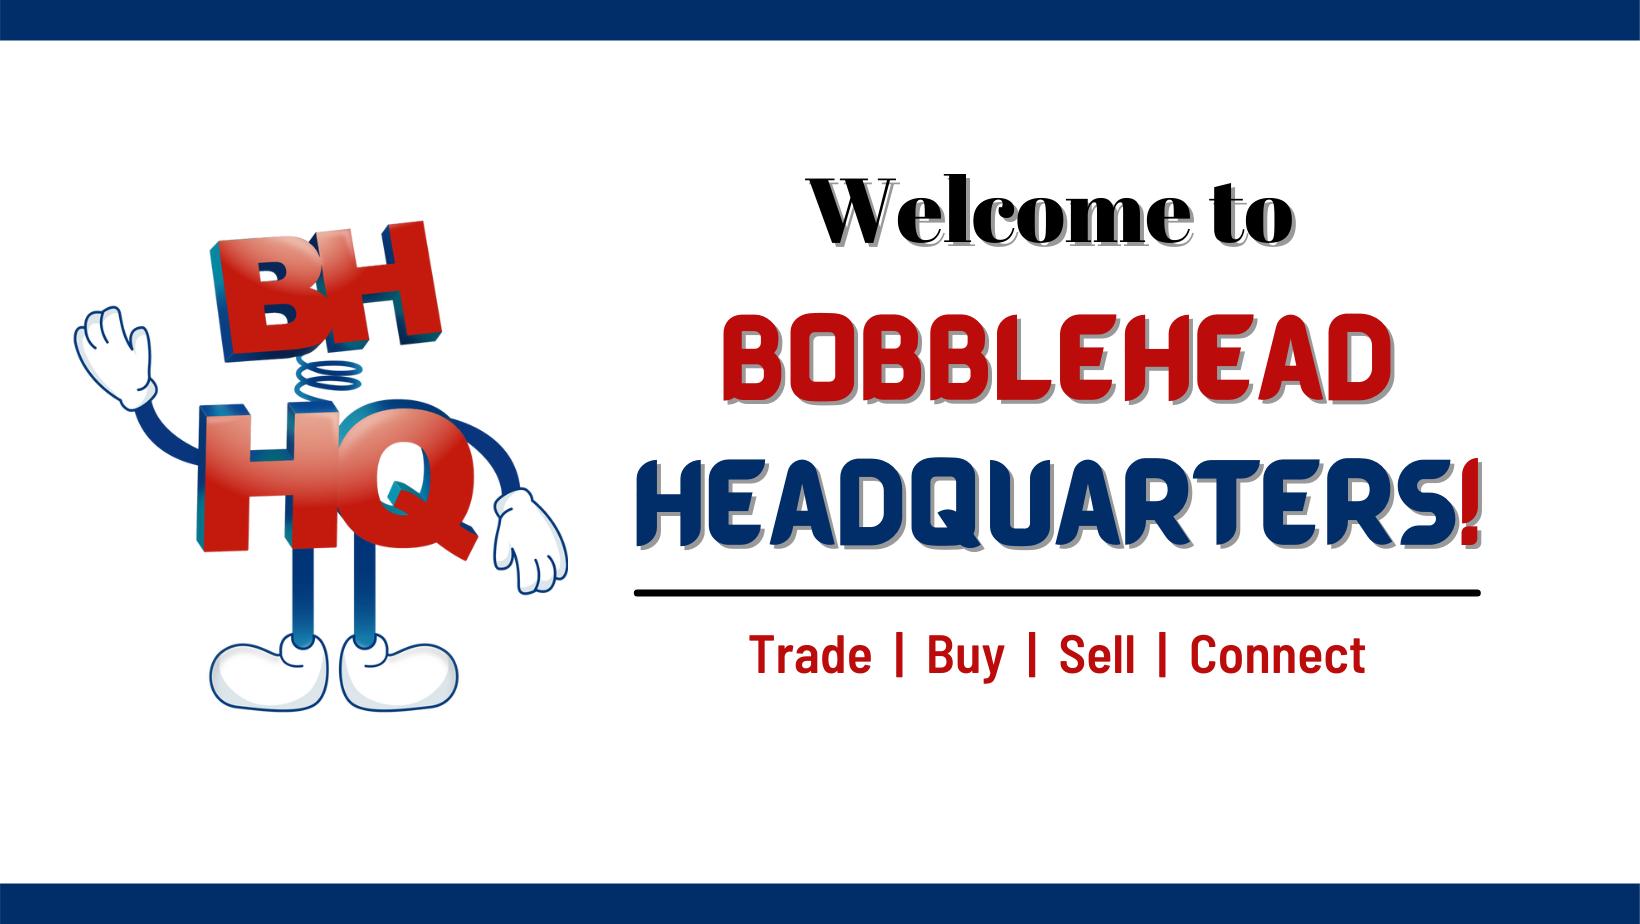 Bobblehead HQ